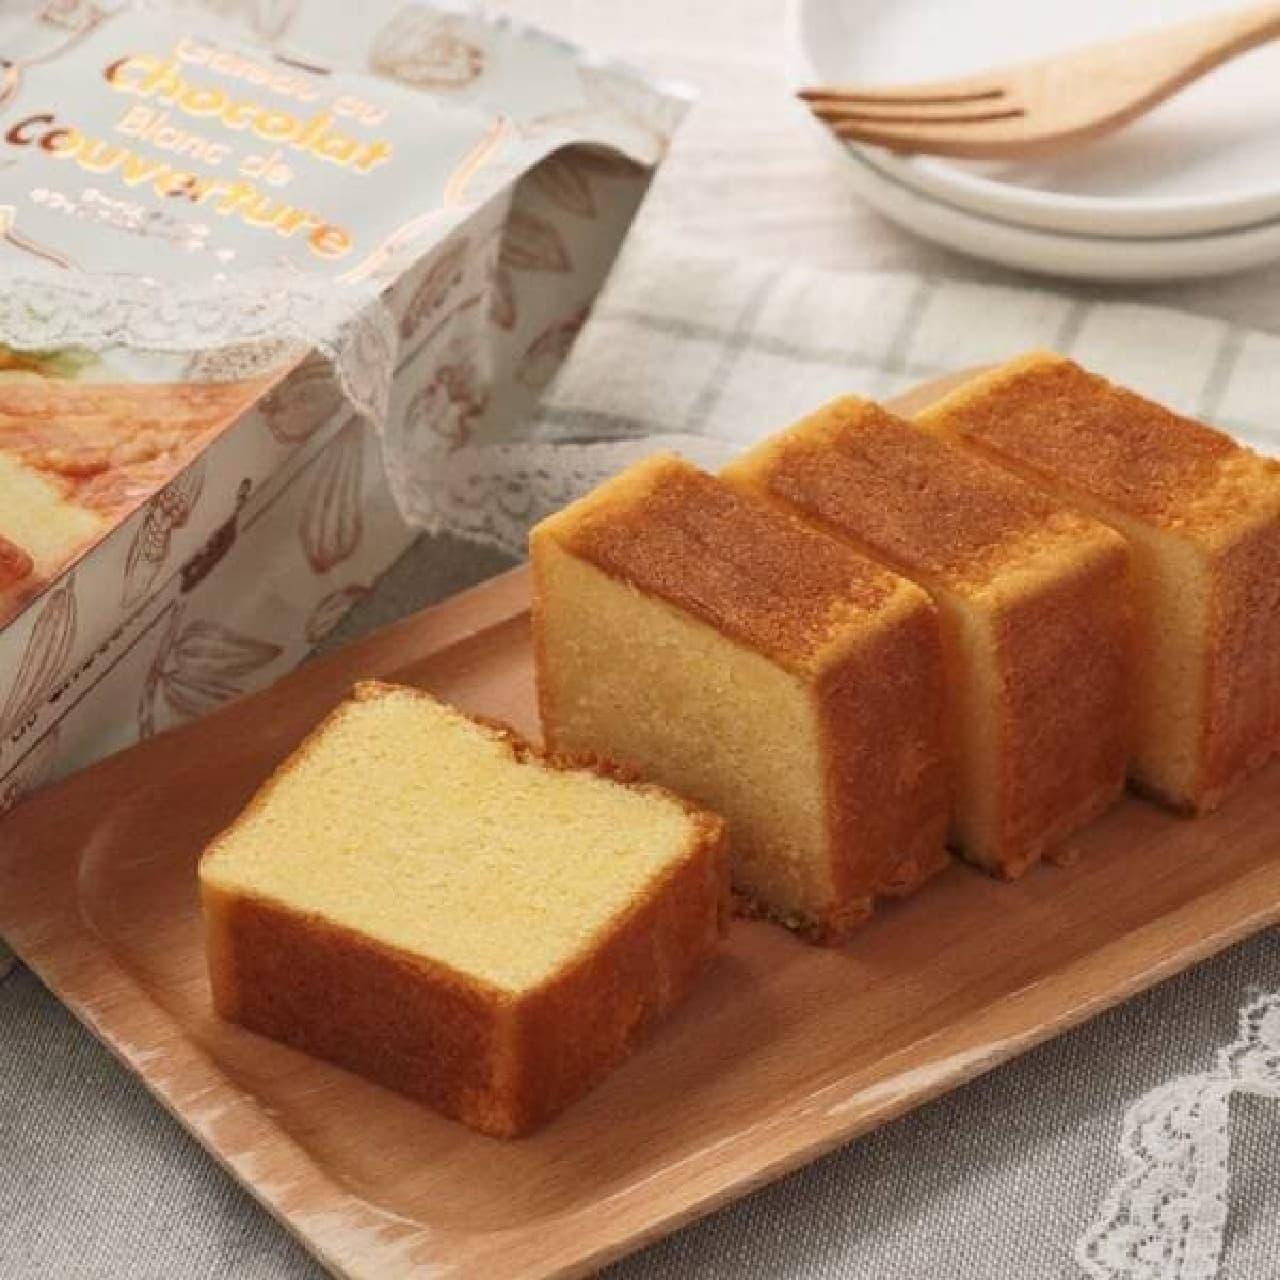 カルディ「クーベルチュールホワイトチョコレートケーキ」